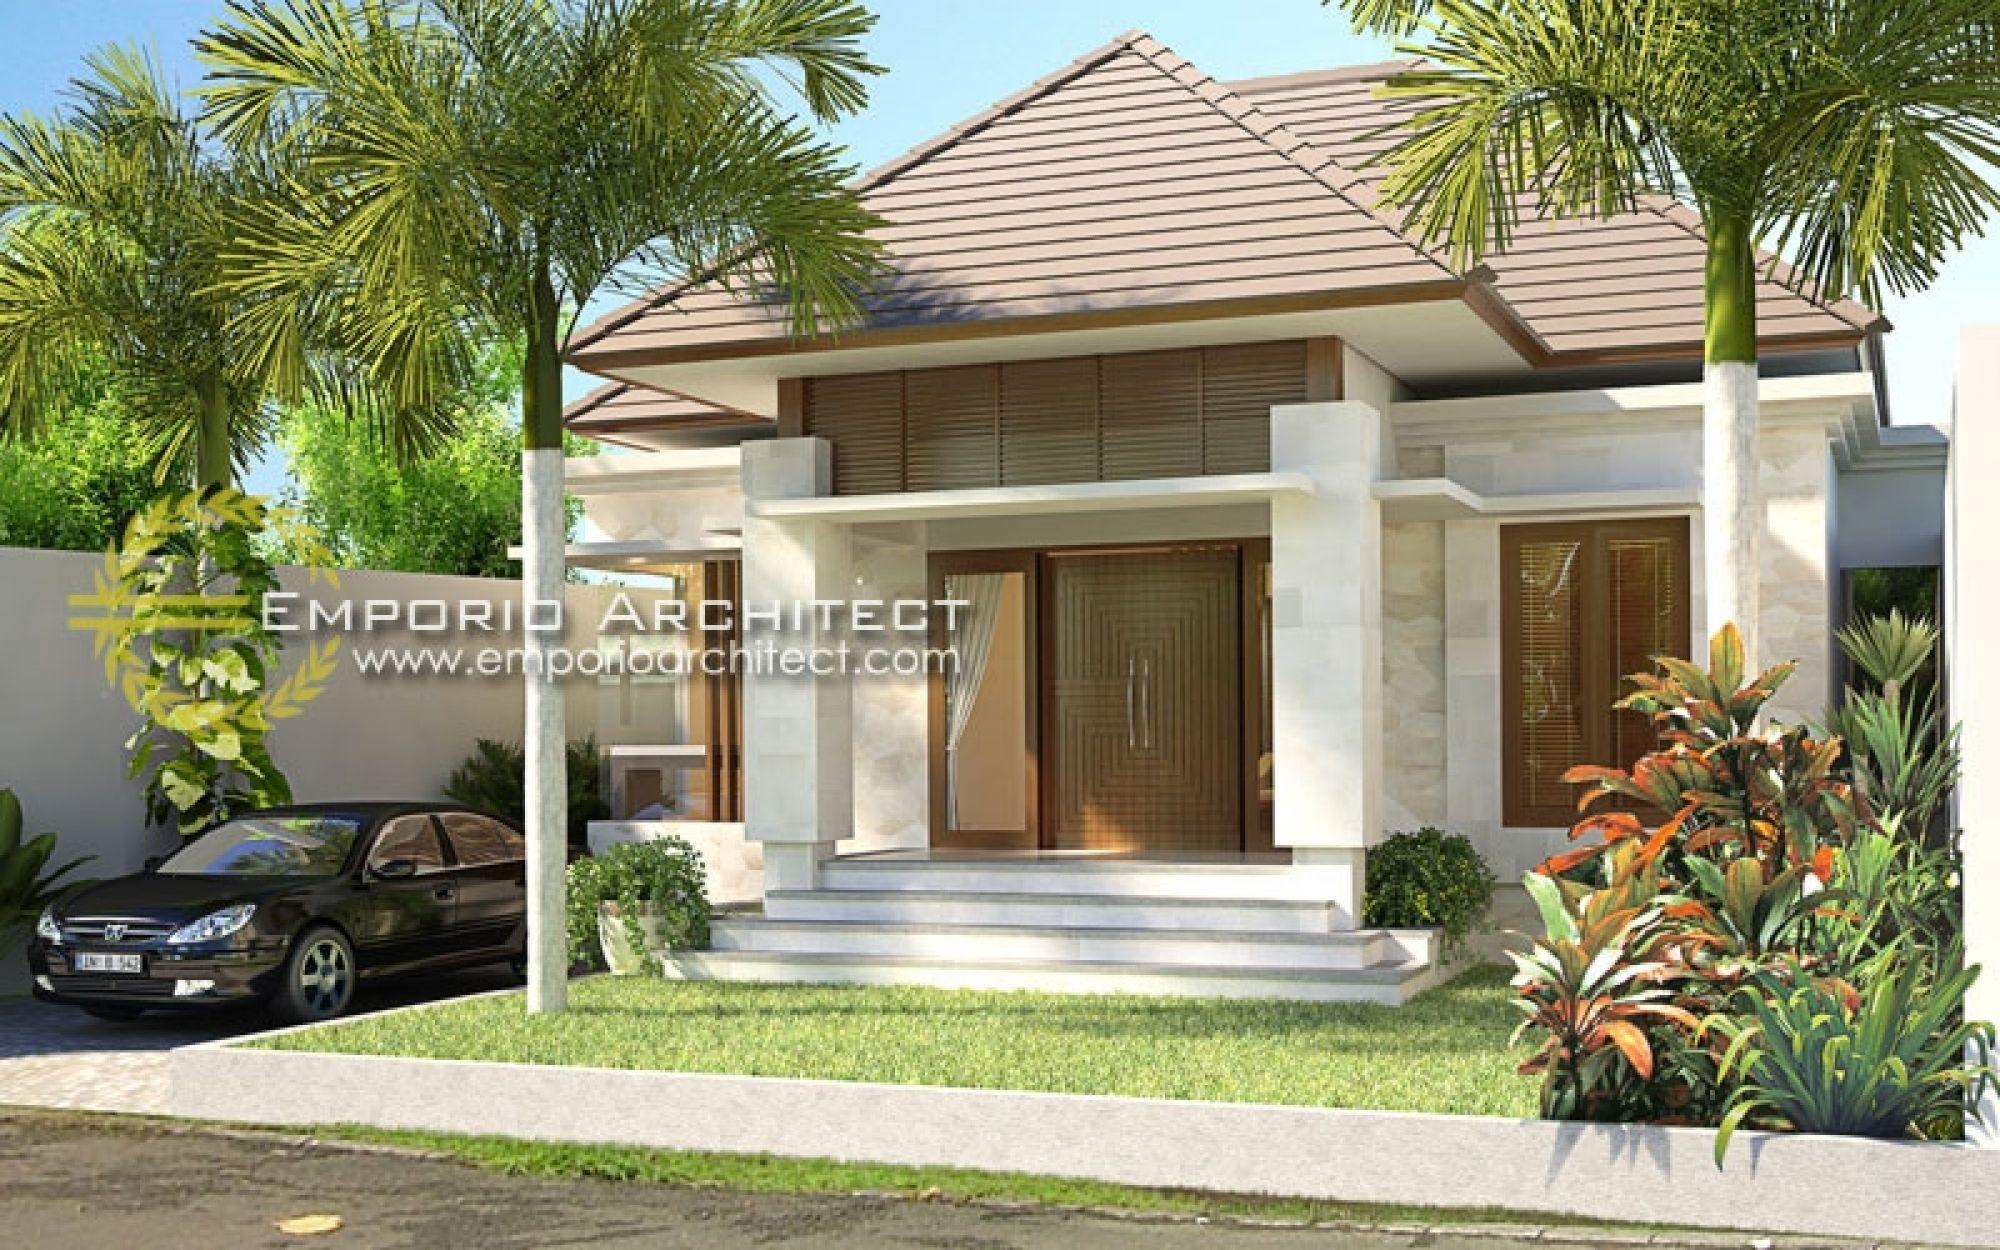 Desain Rumah Riani Jasa arsitek desain berkualitas